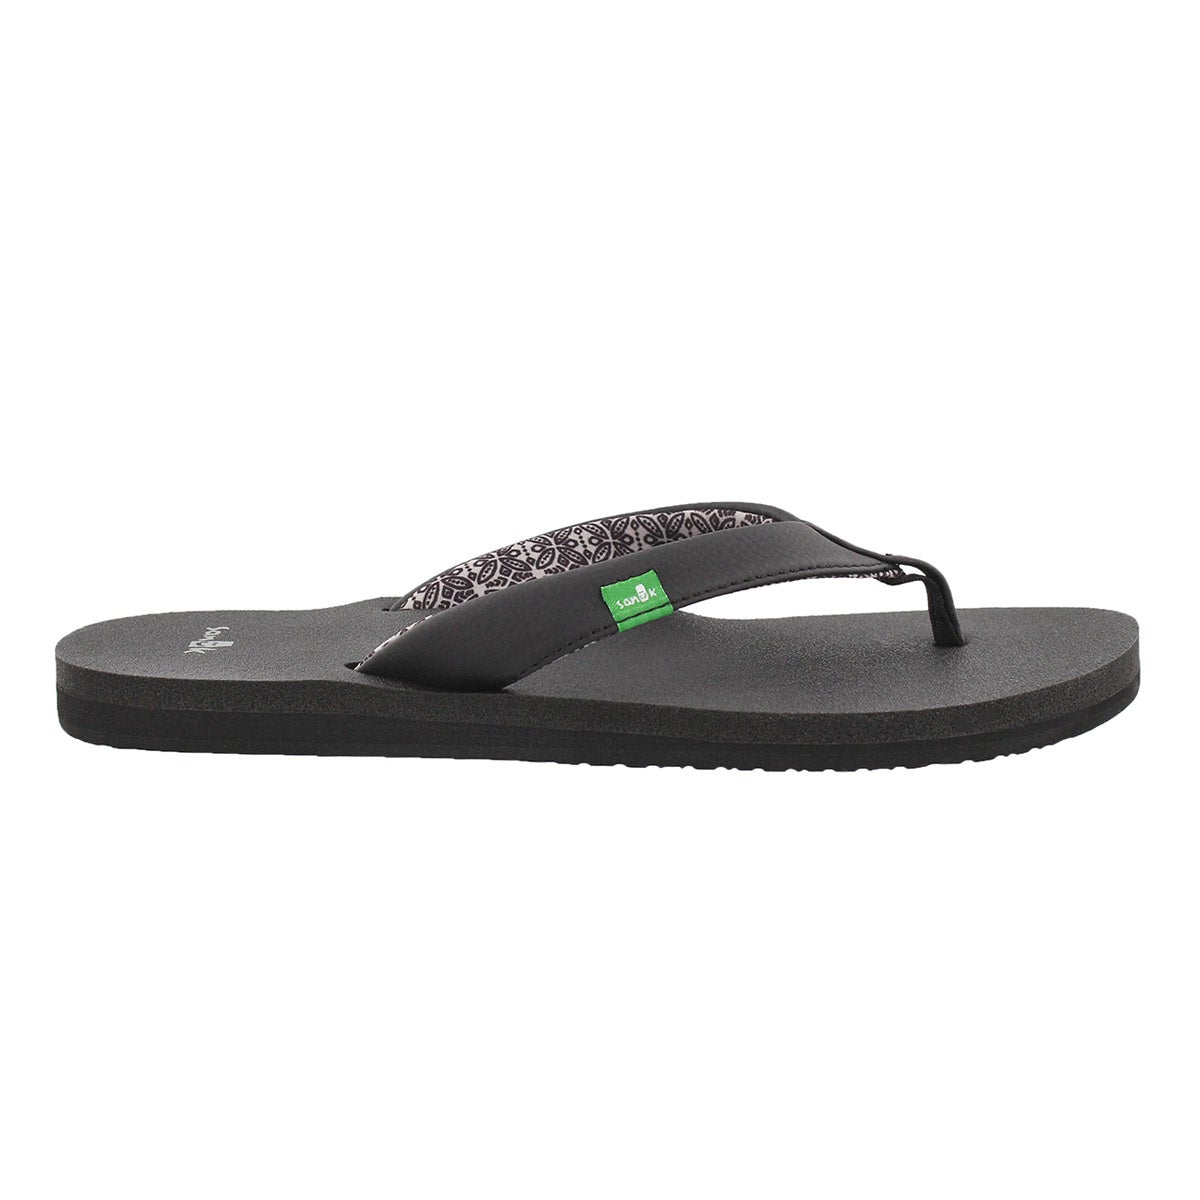 Lds Yoga Zen black flip flop